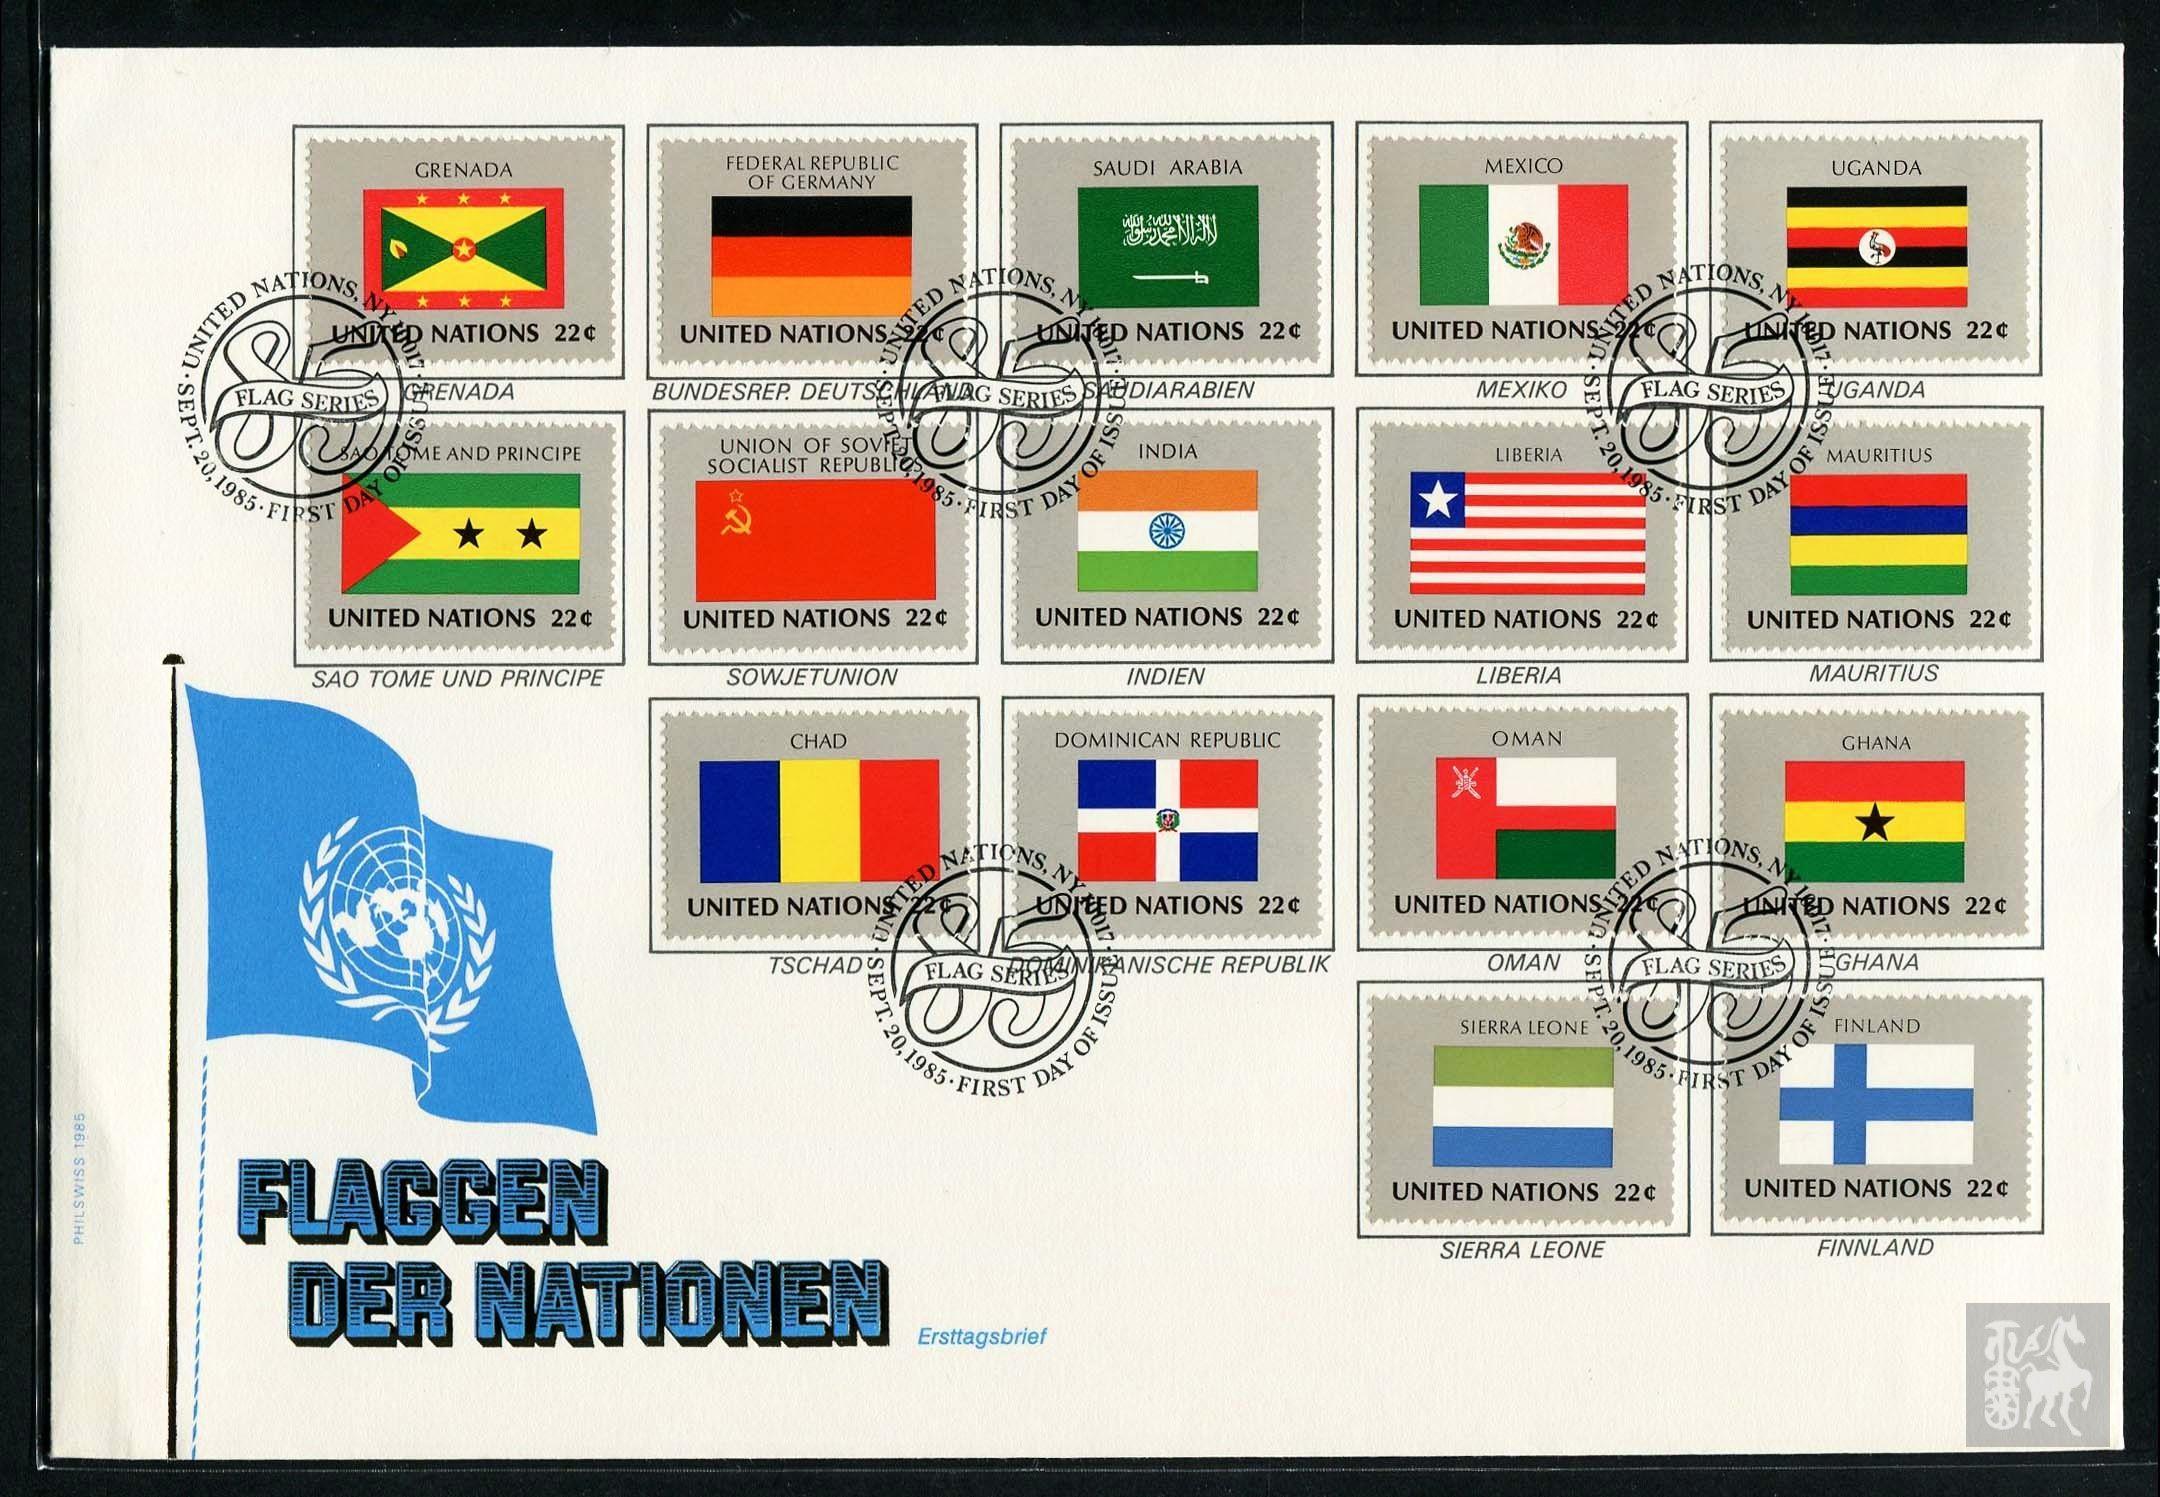 联合国国旗 国徽